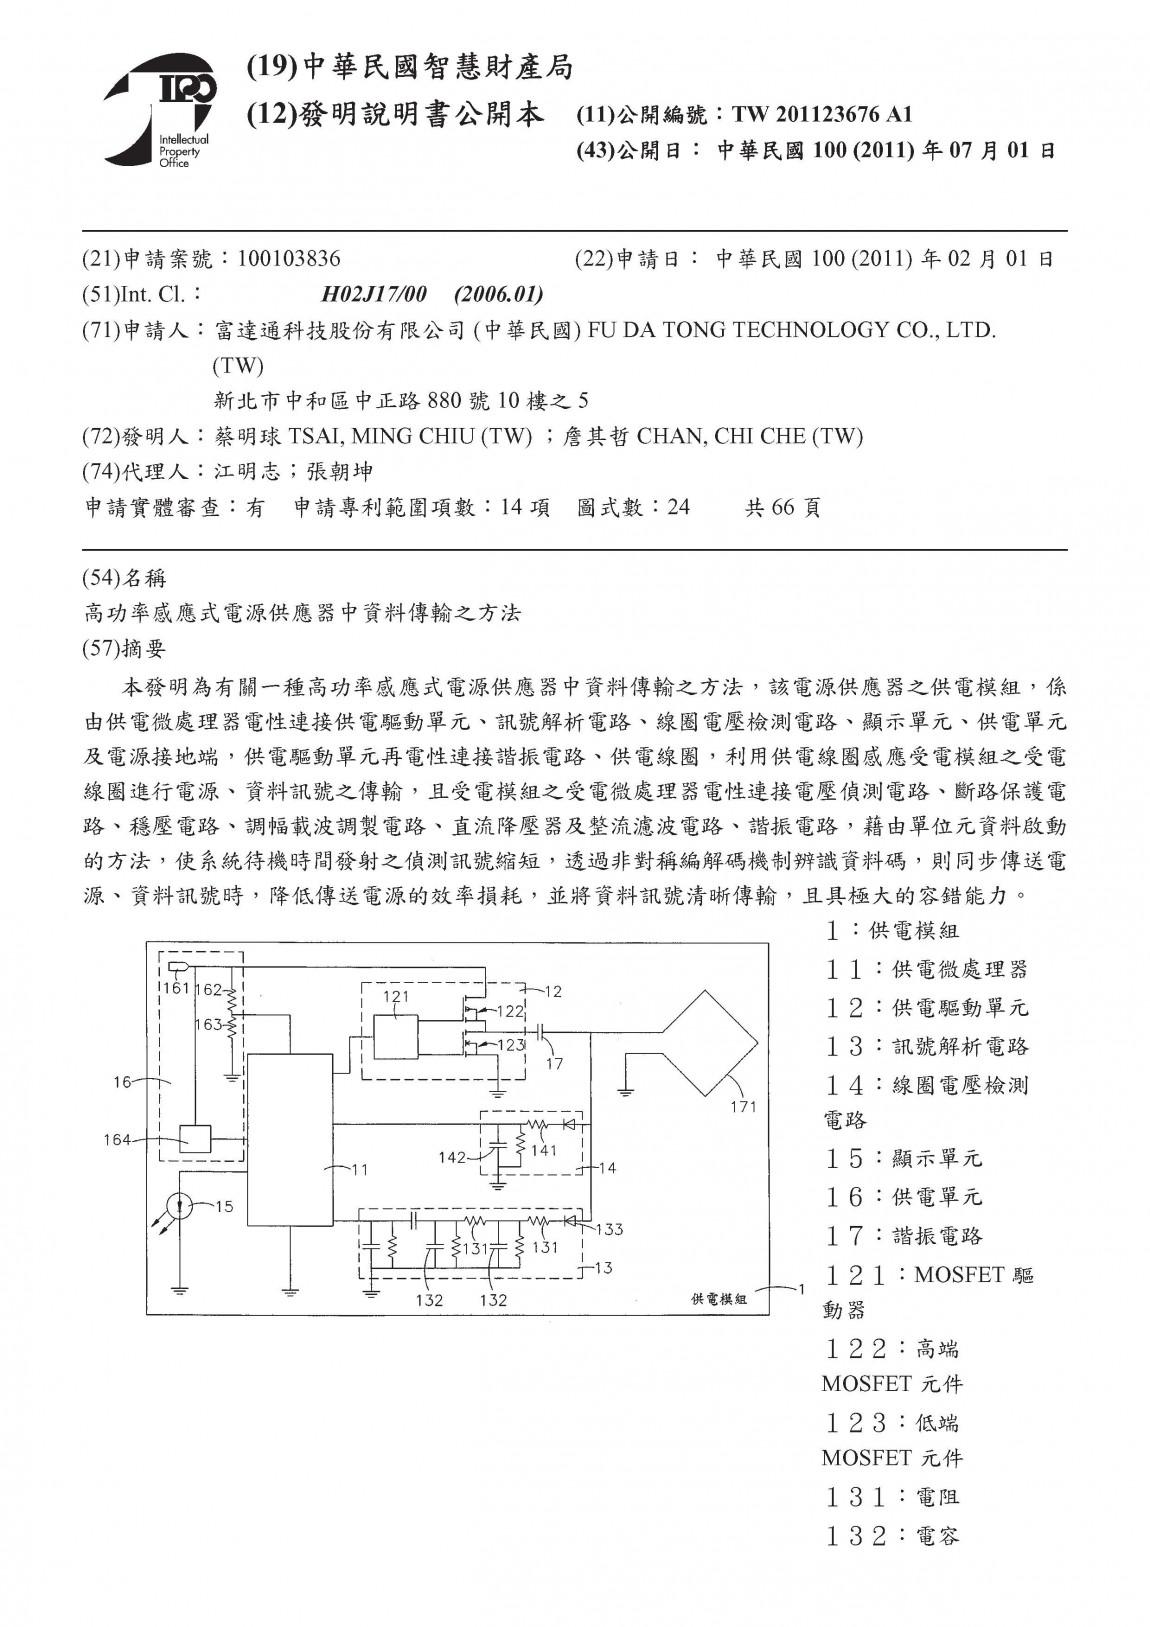 富達通專利10-高功率感應式電源供應器中資料傳輸之方法(台灣)201123676